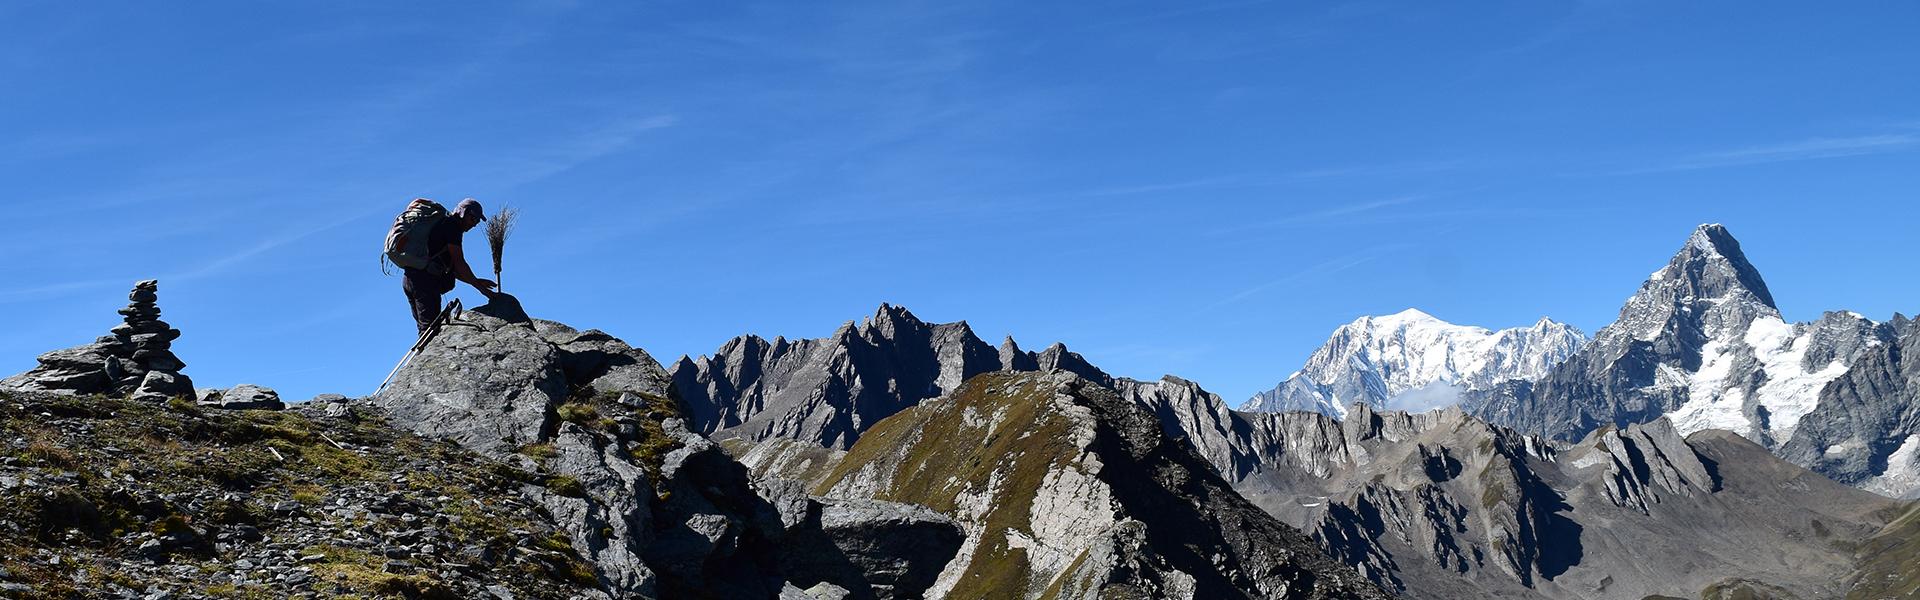 La Fenêtre de Ferret et la Tête de Fenêtre depuis le col du Grand-Saint-Bernard